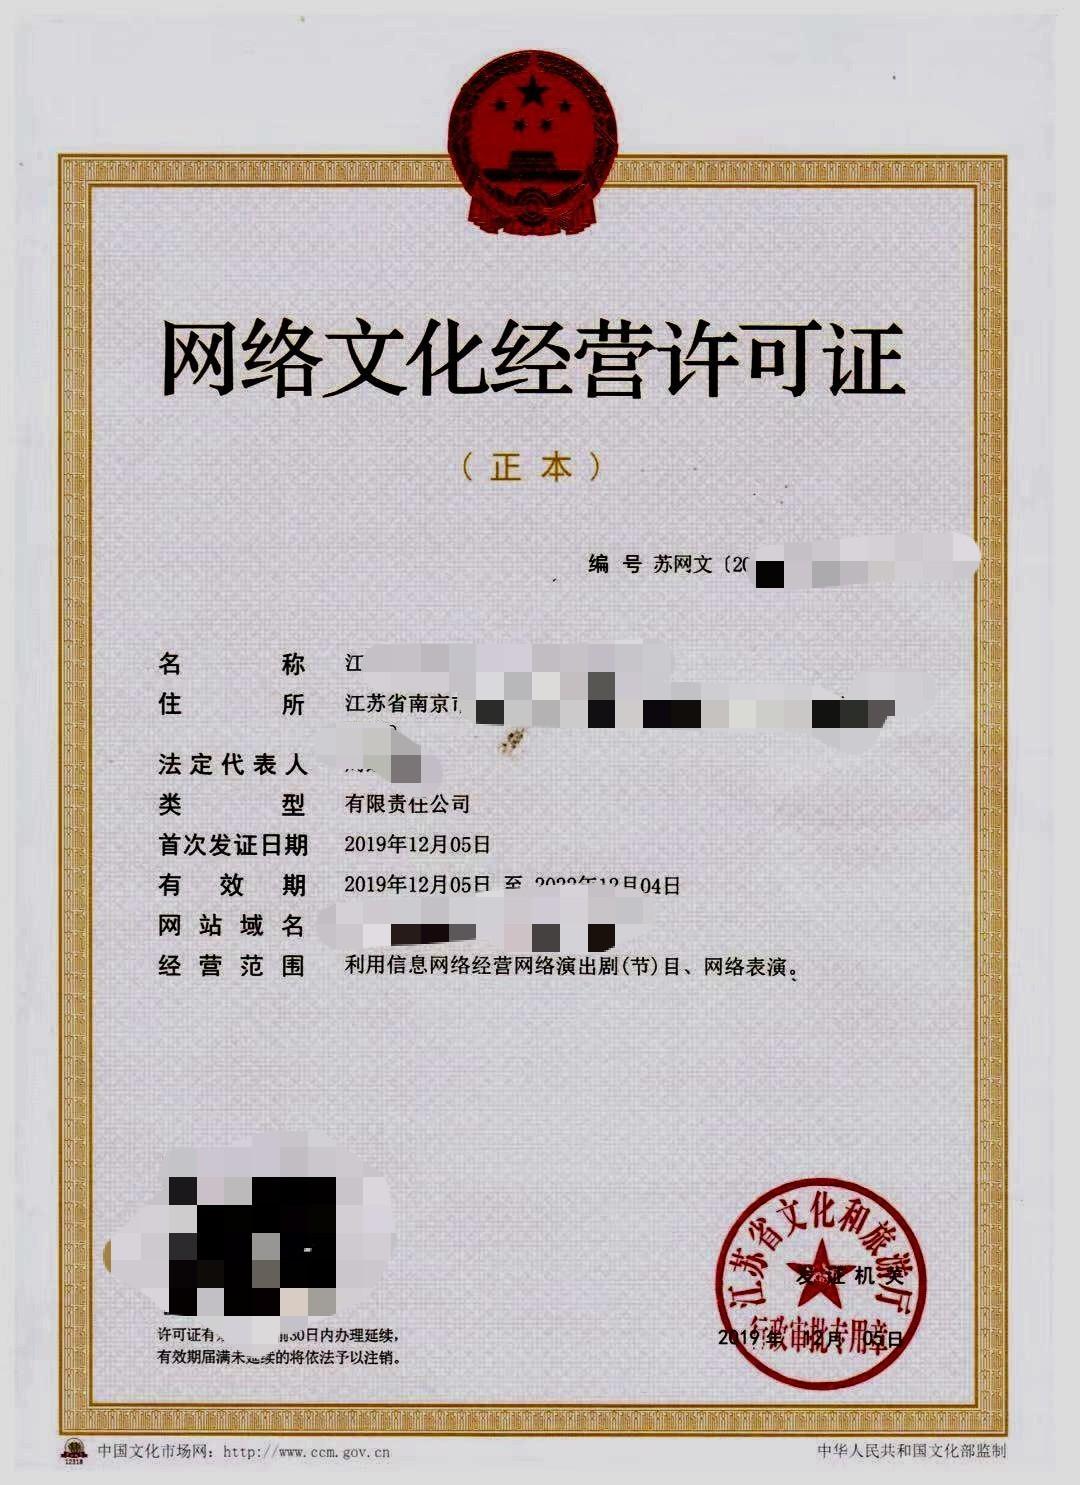 渑池县网络文化经营许可证怎么办理